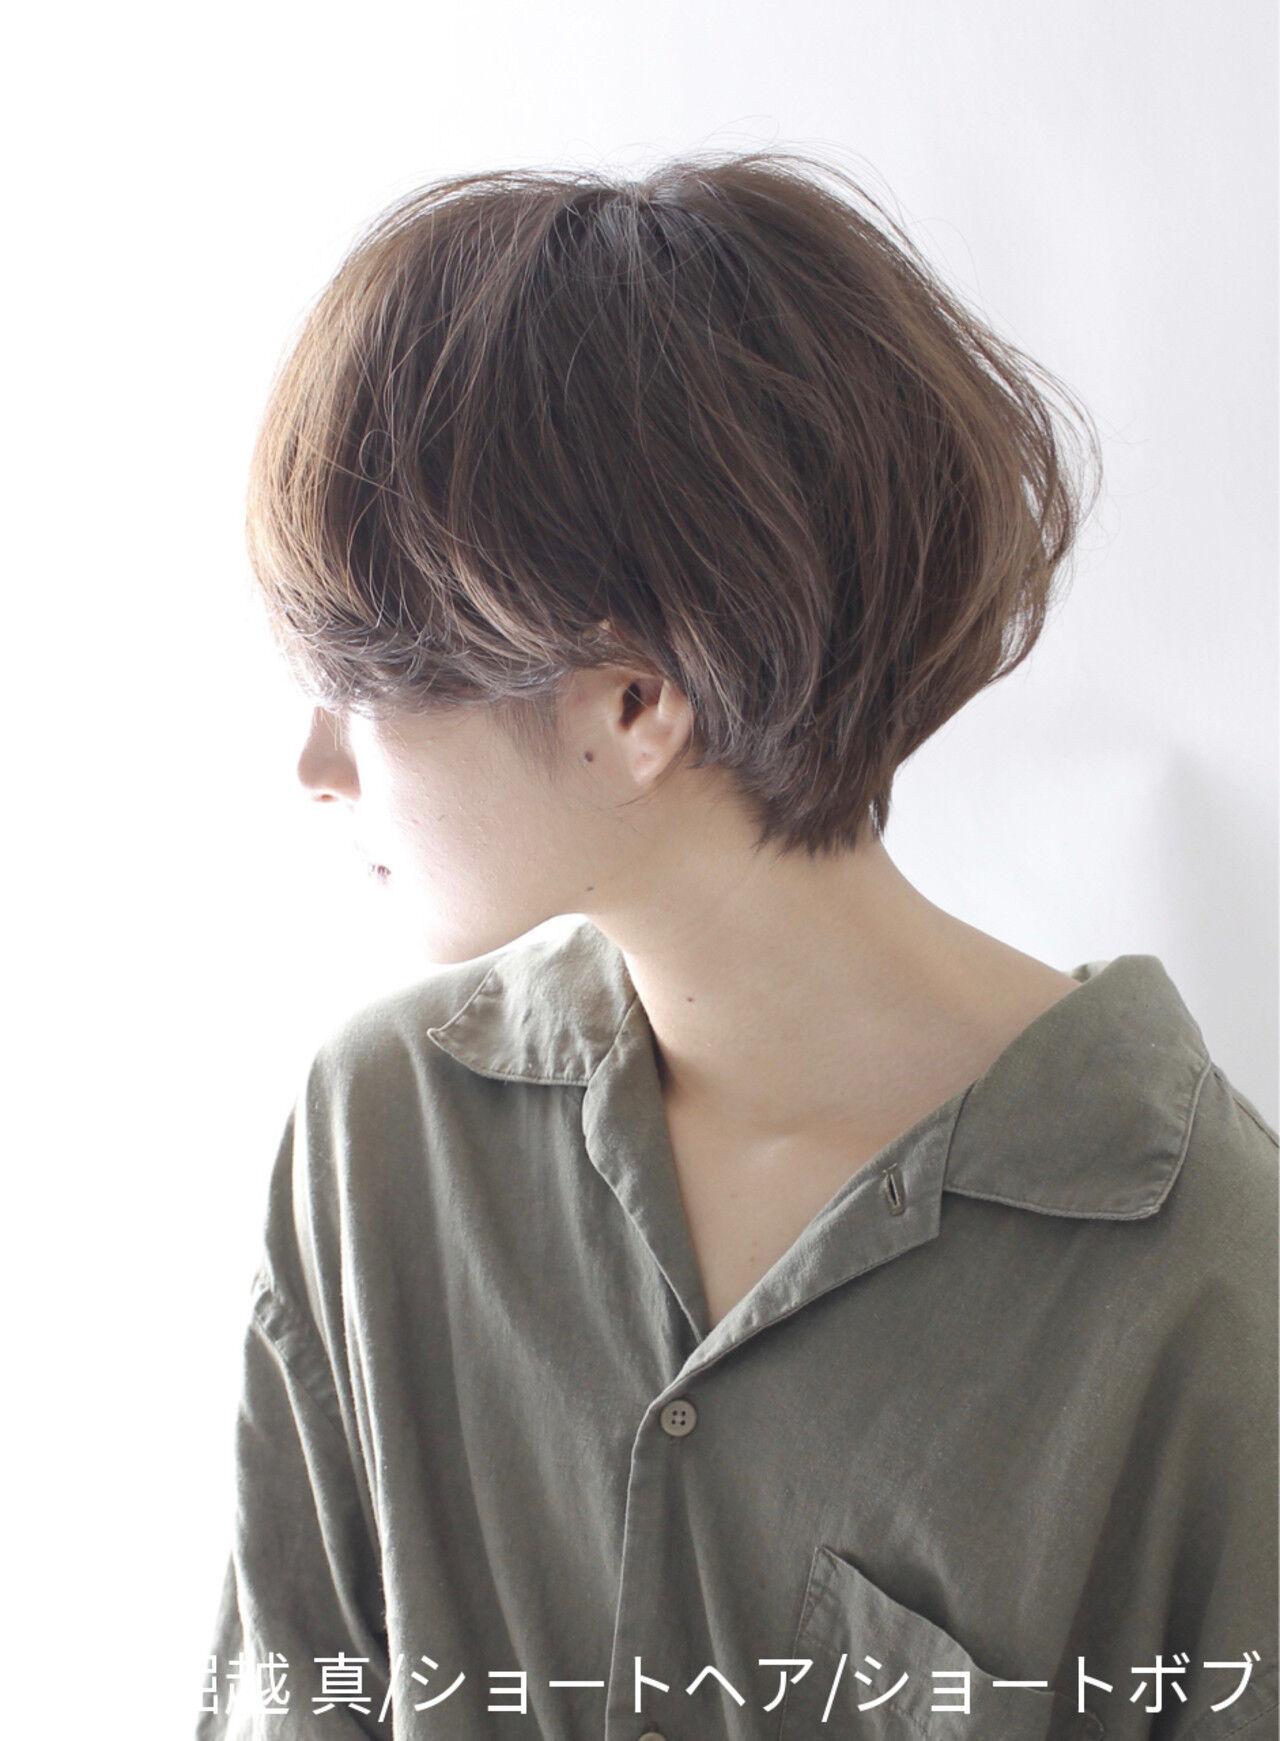 ショート 辺見えみり うざバング 大人かわいいヘアスタイルや髪型の写真・画像